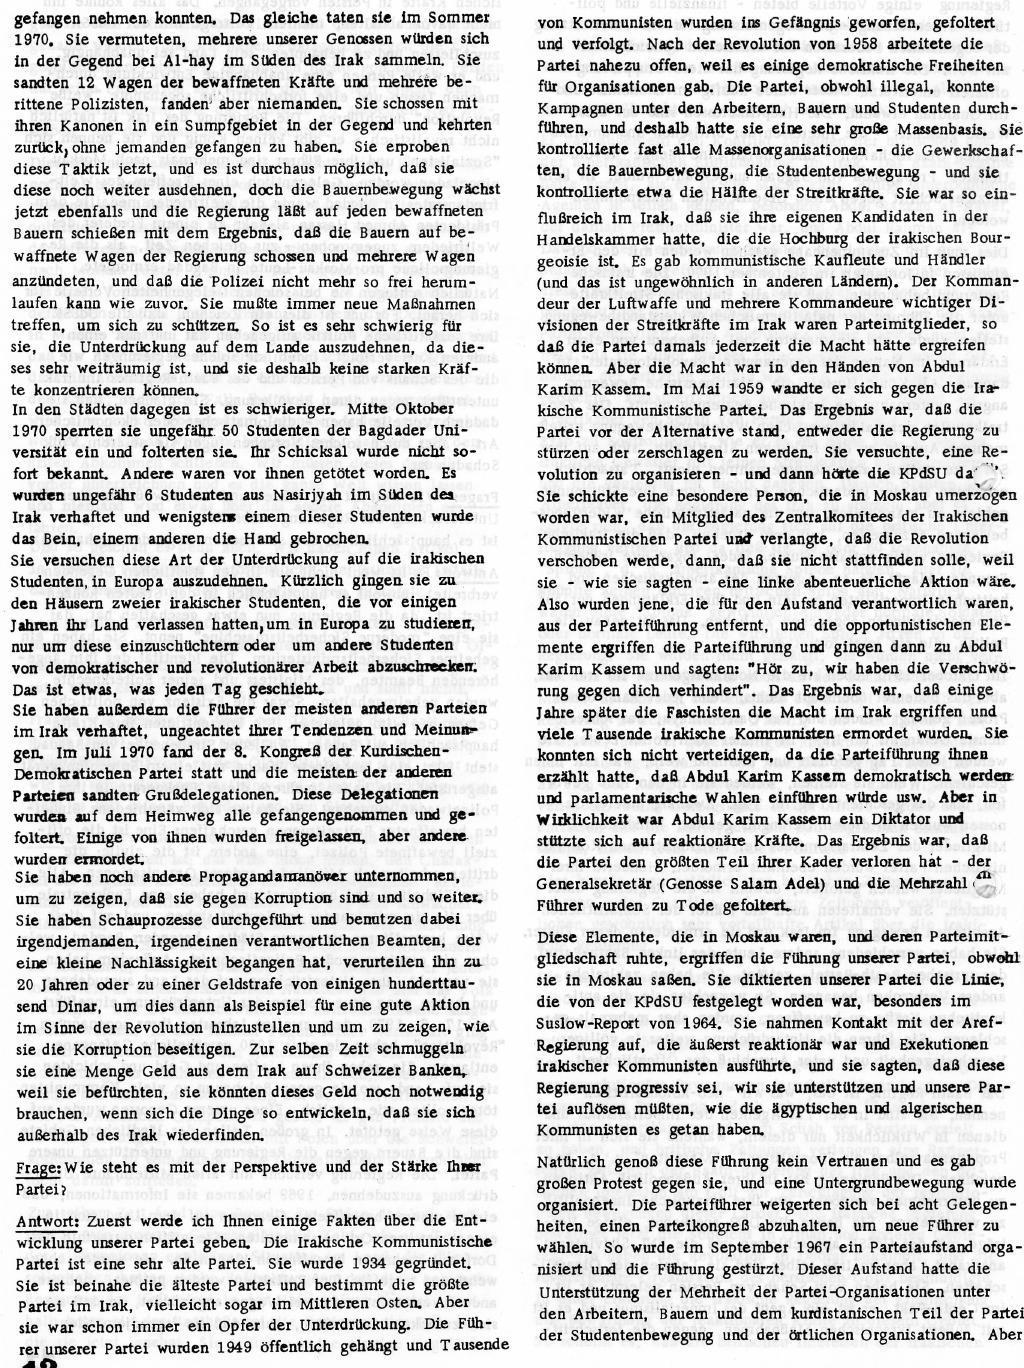 RPK_1971_107_12